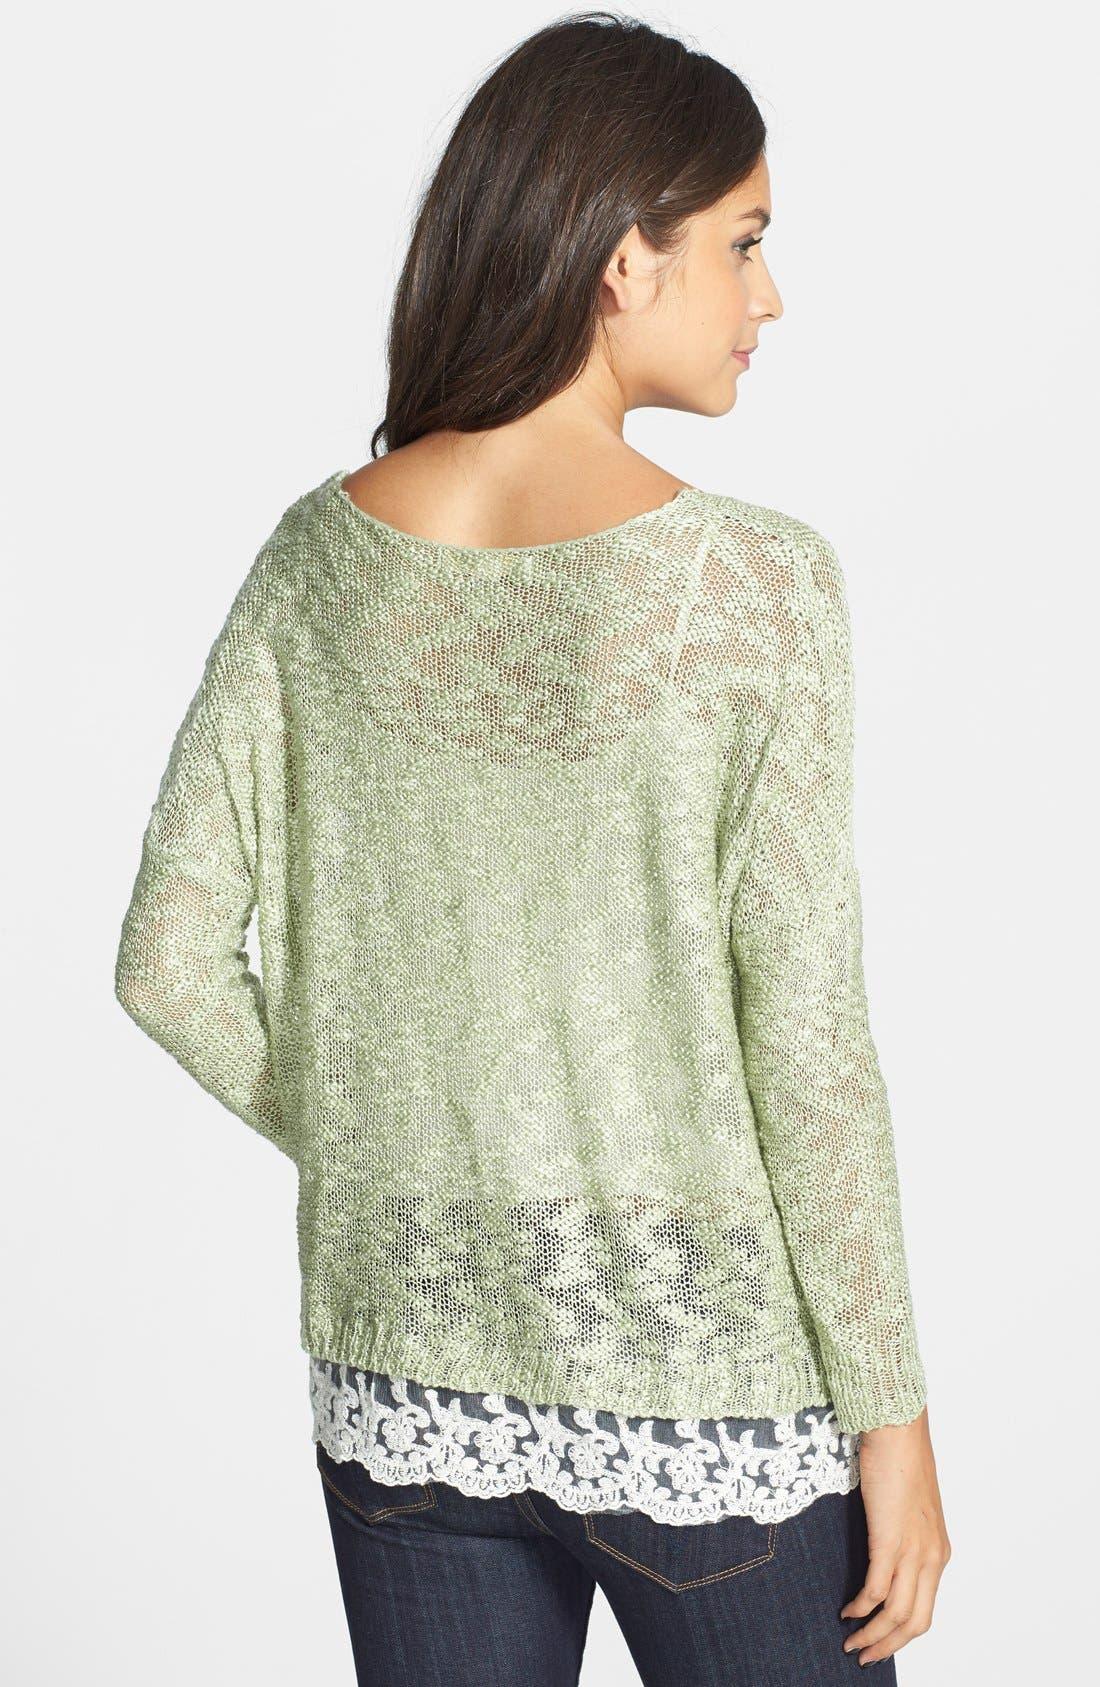 LOVE BY DESIGN,                             Crochet Hem Sweater,                             Alternate thumbnail 3, color,                             330